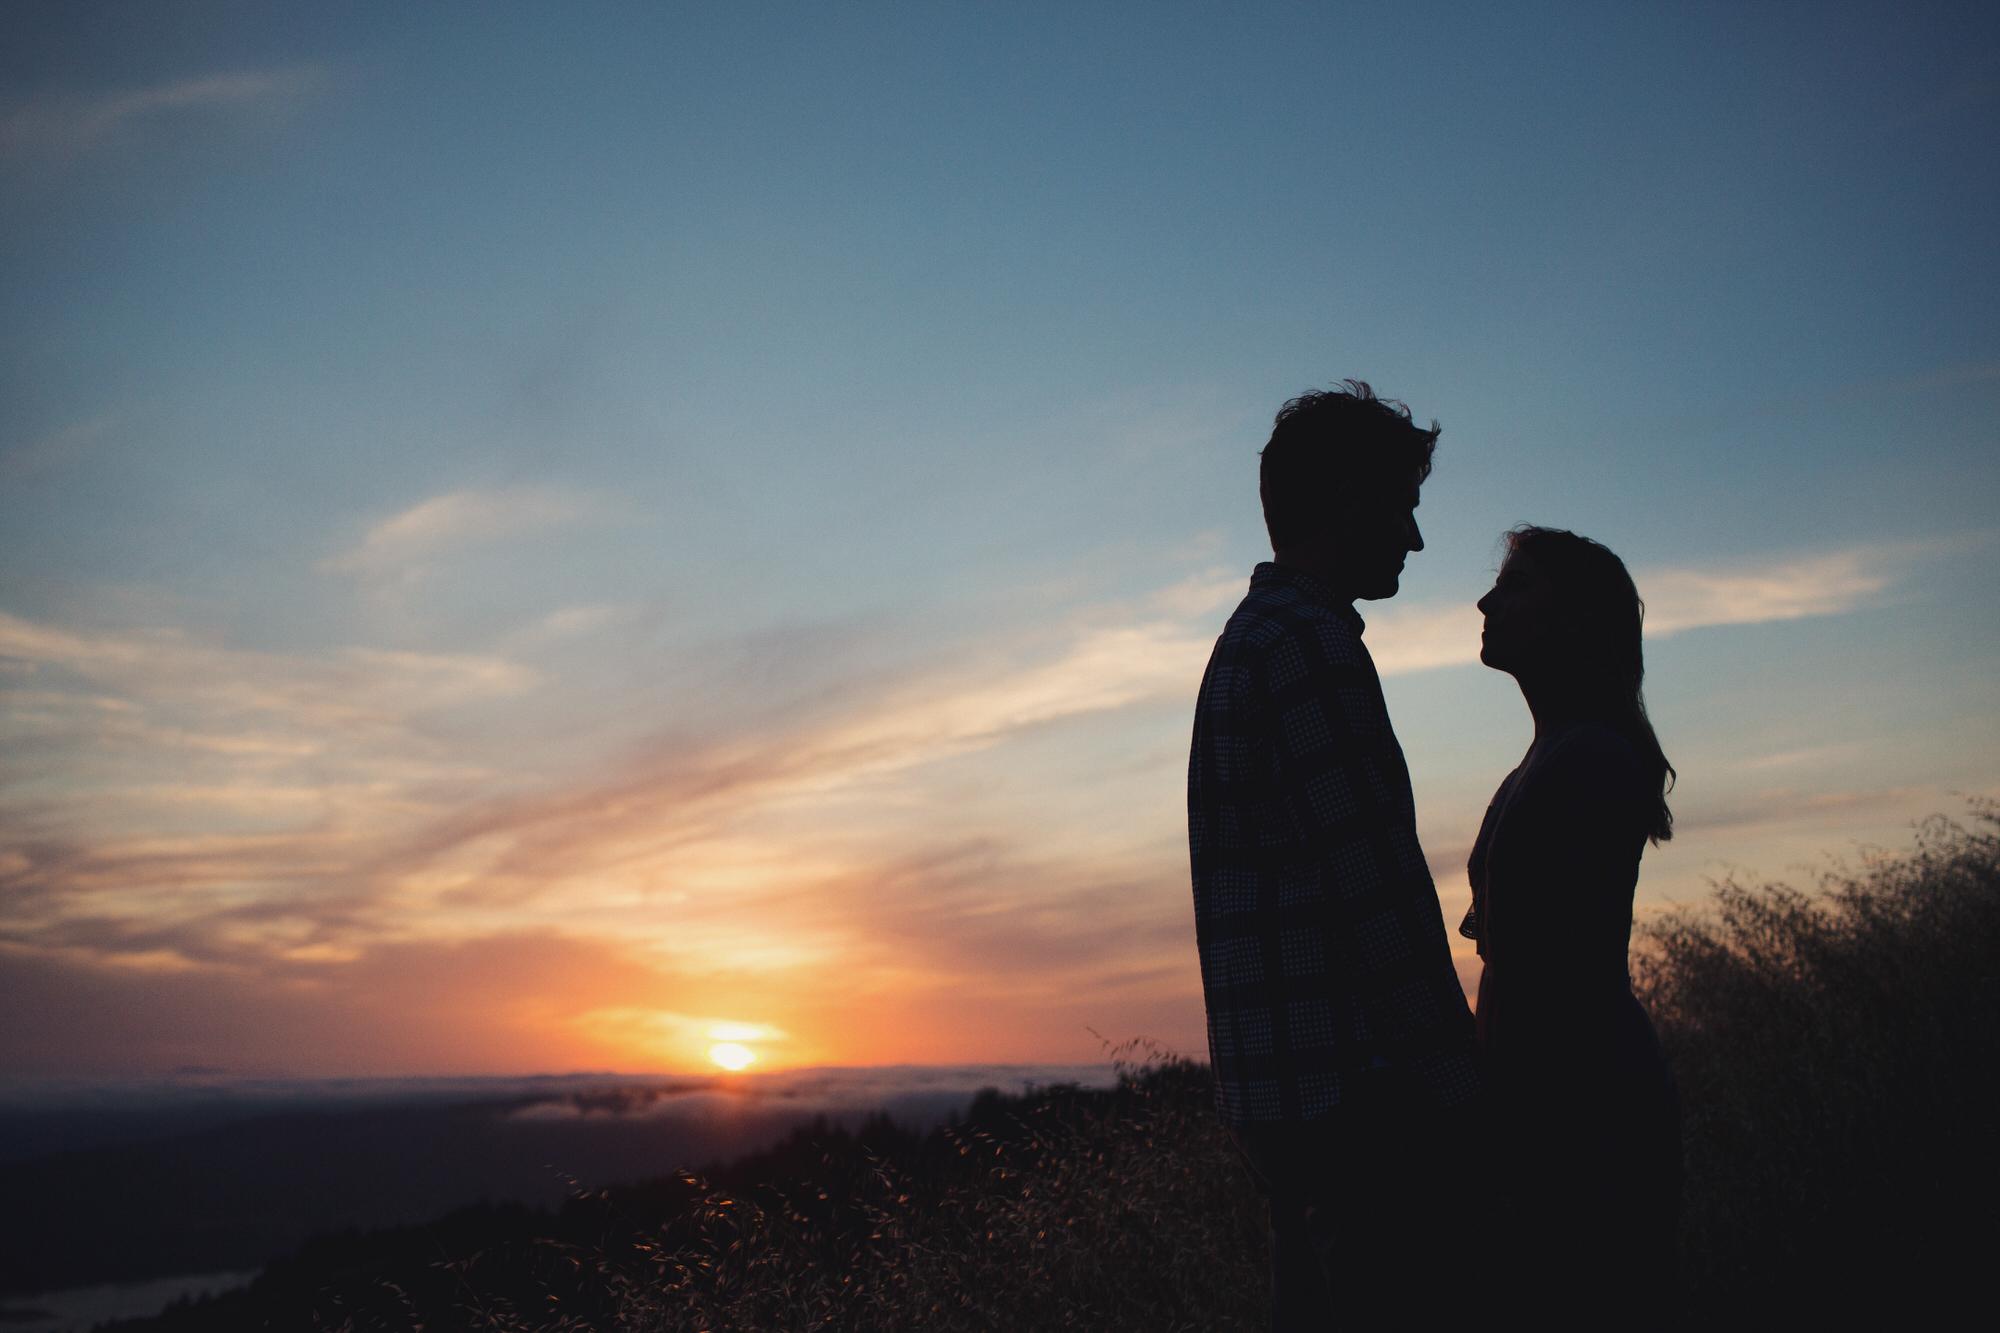 Sunset Mt Tamalpais